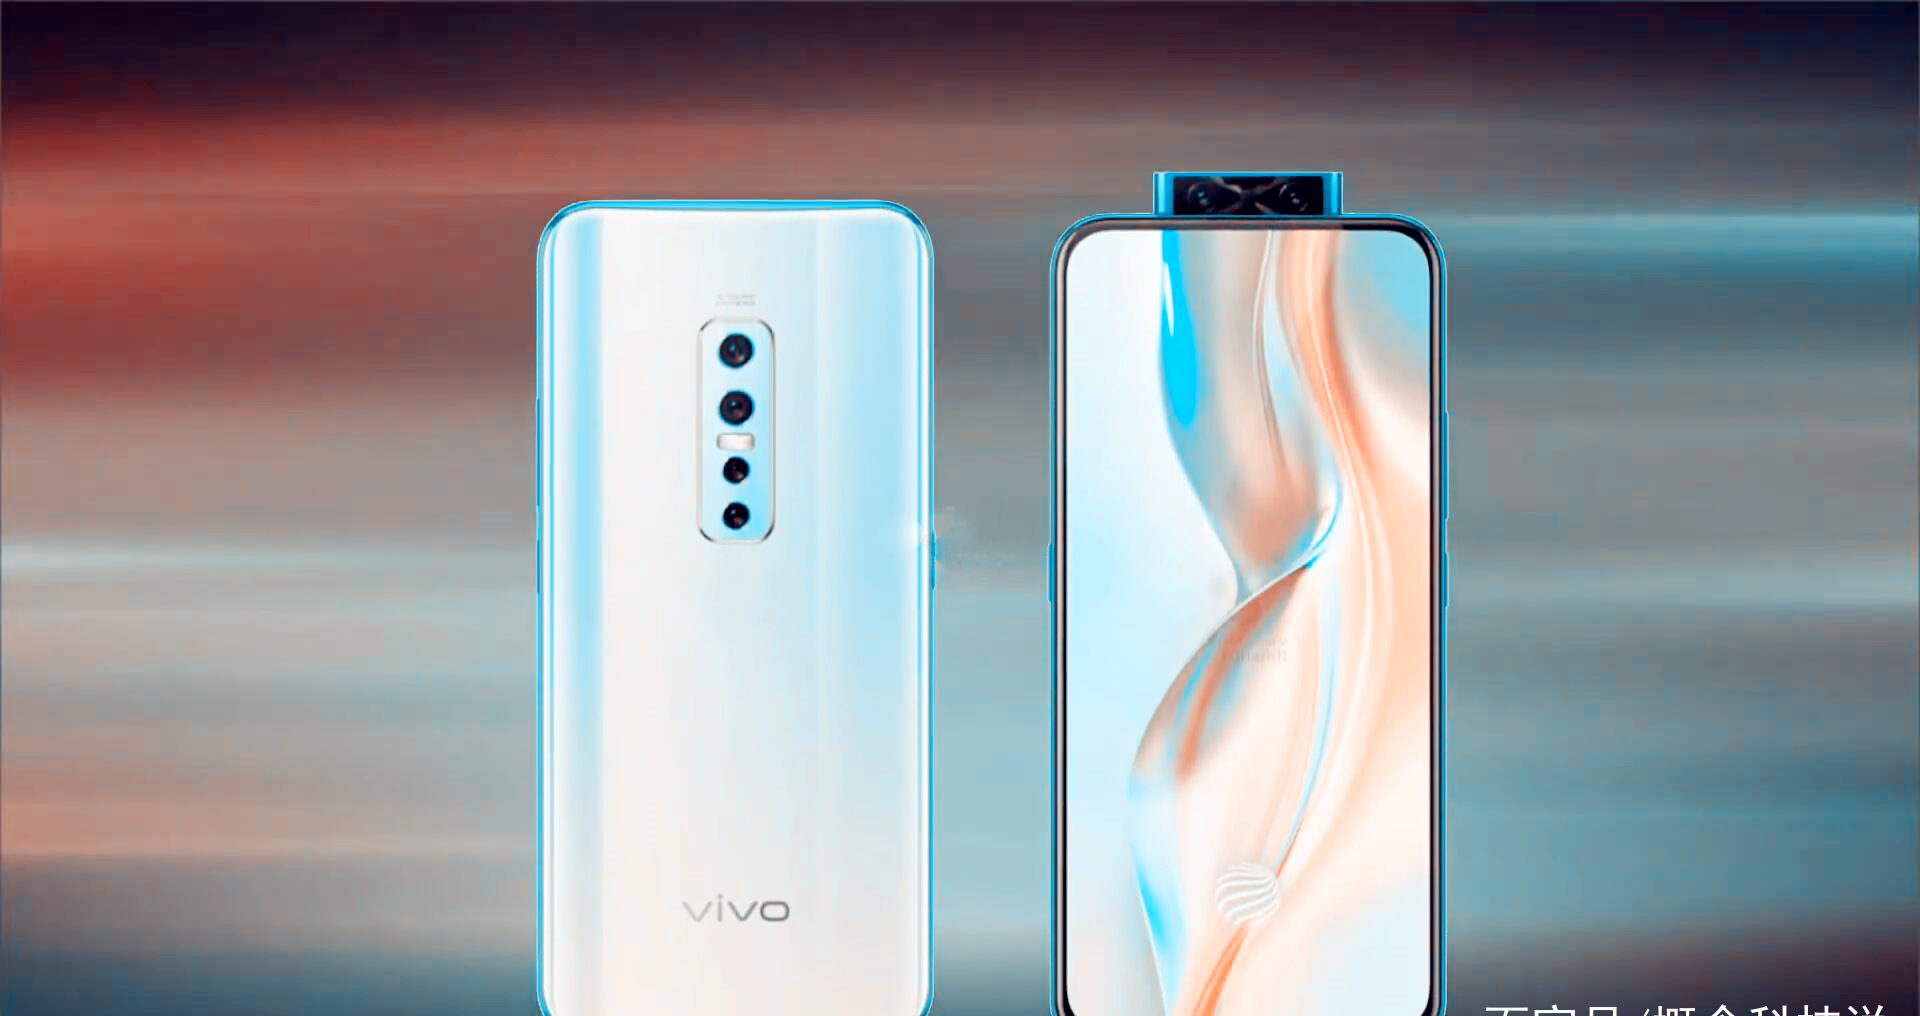 vivo不甘示弱:5G网络+极致全面屏+超级闪充 在定价上做出改变